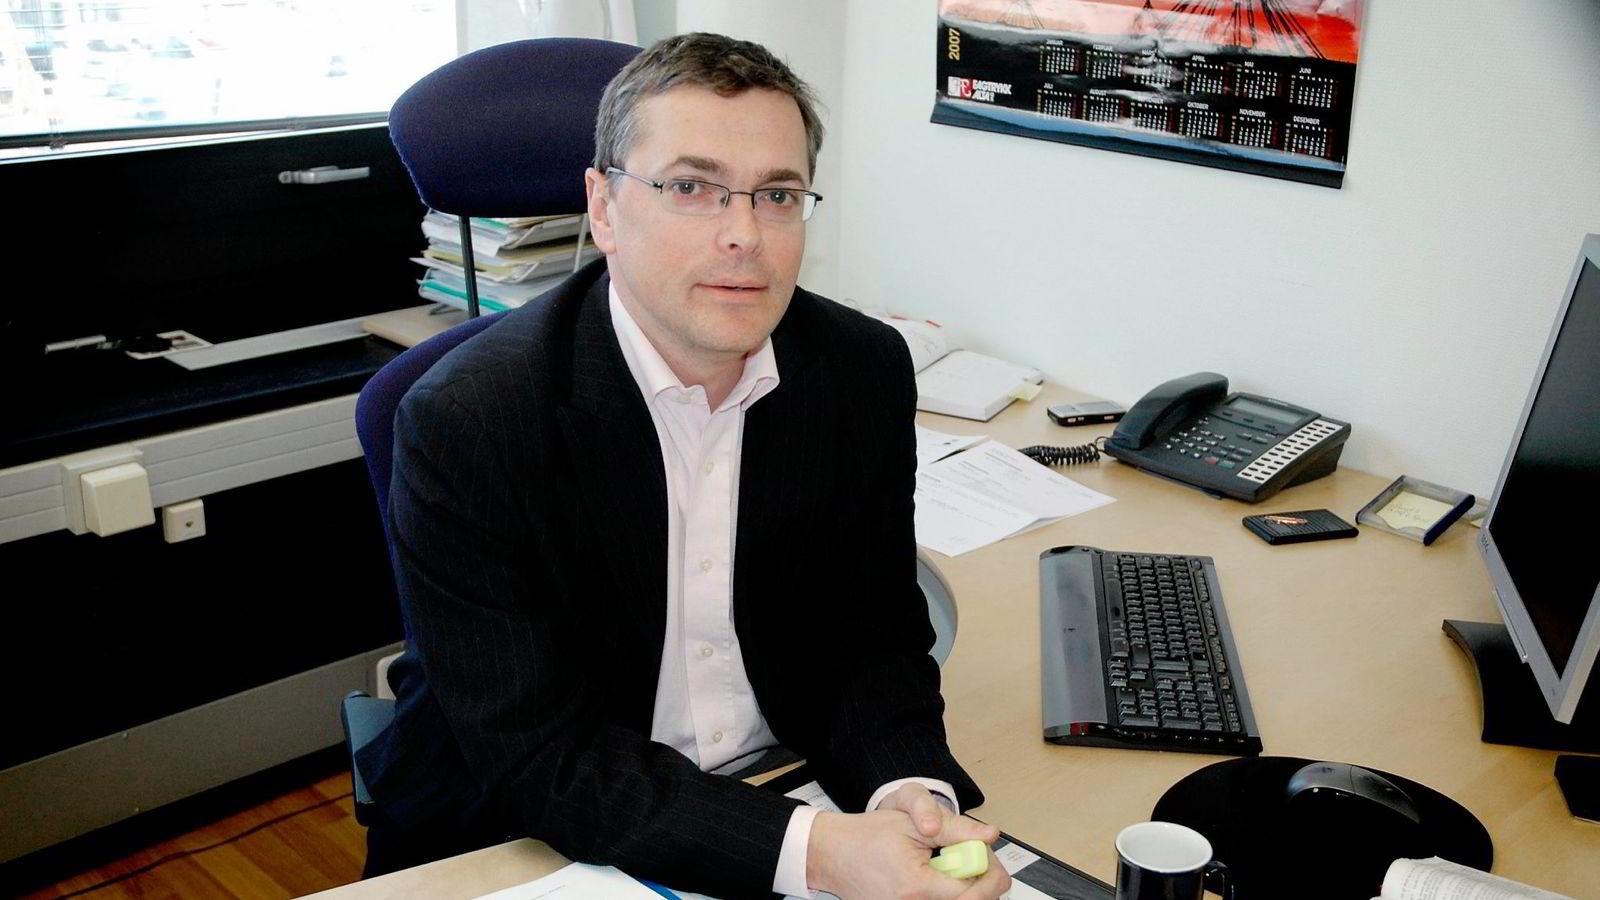 Advokat Nils Grytten i Ålesund mener ordningen med salg av fastlegepraksiser er godt gjennomtenkt.